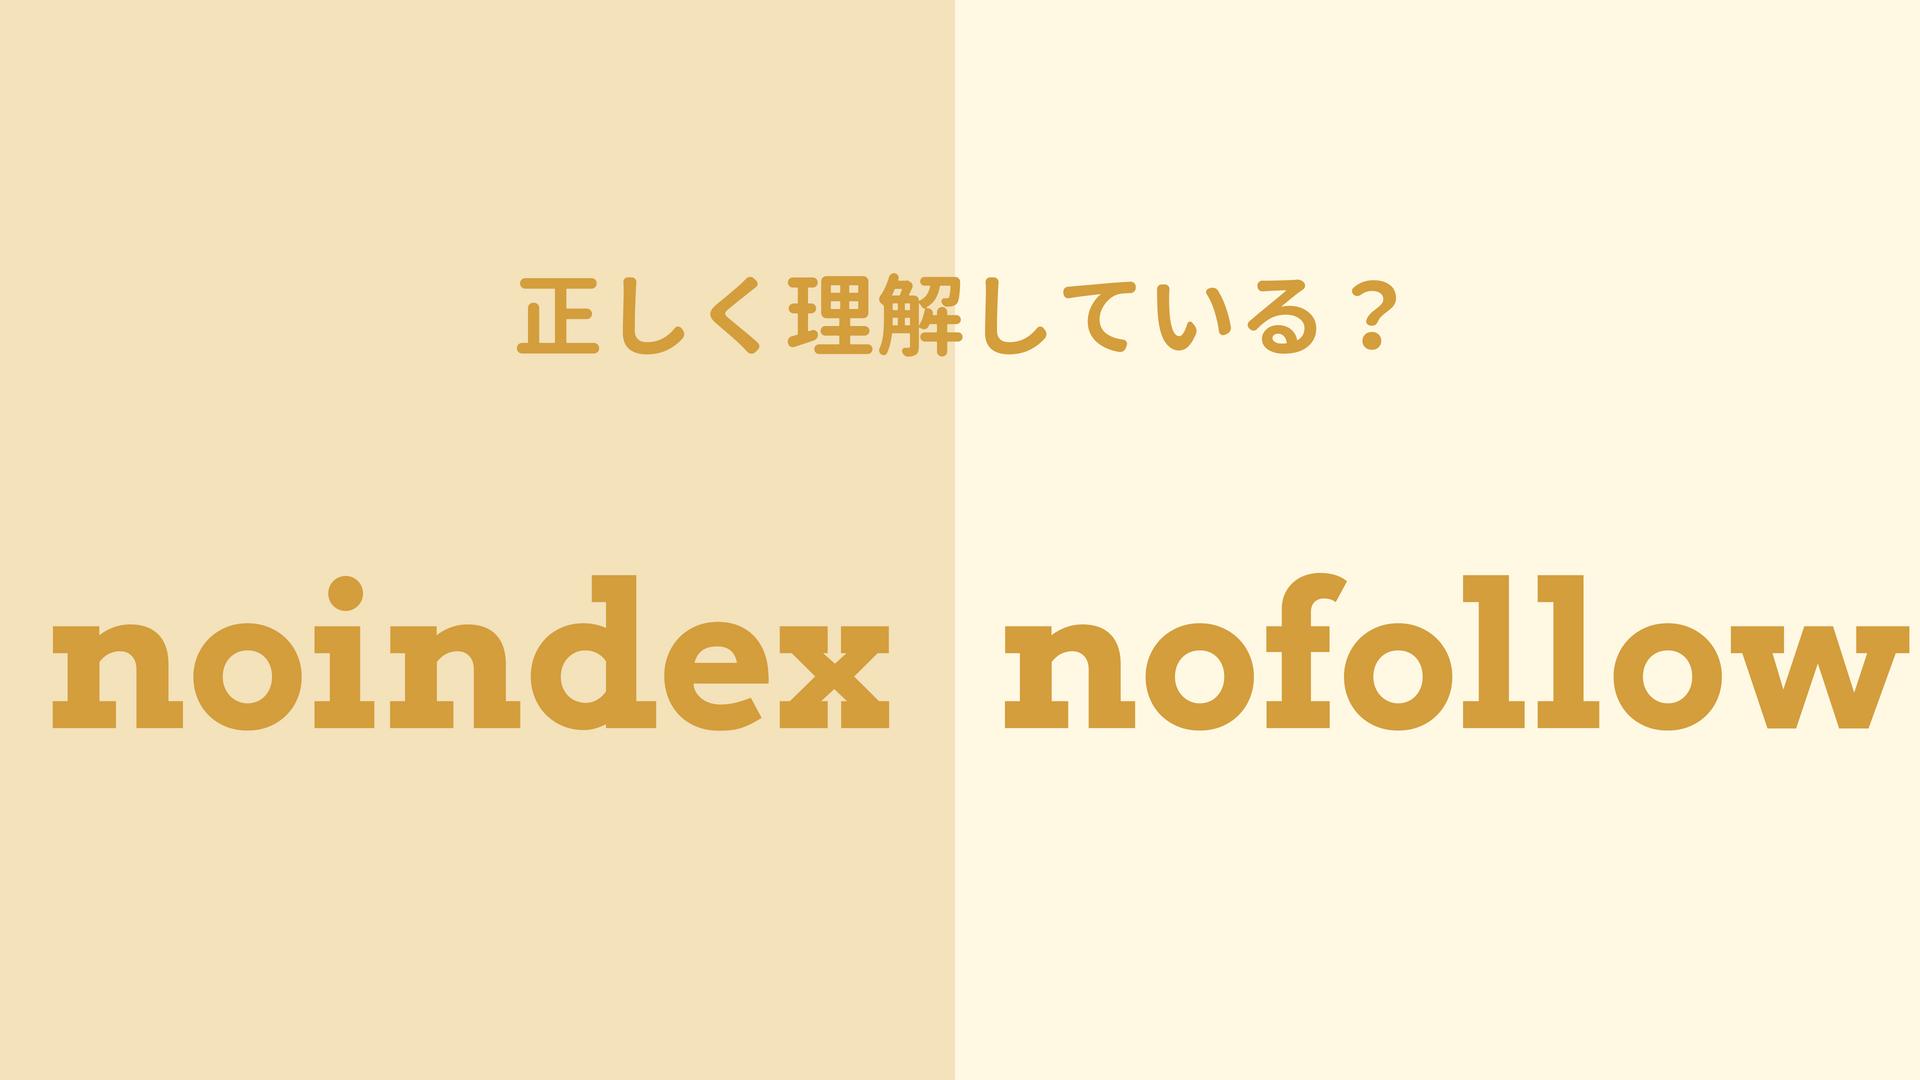 【初心者向け】noindex、nofollowの意味と正しい使い方を理解する